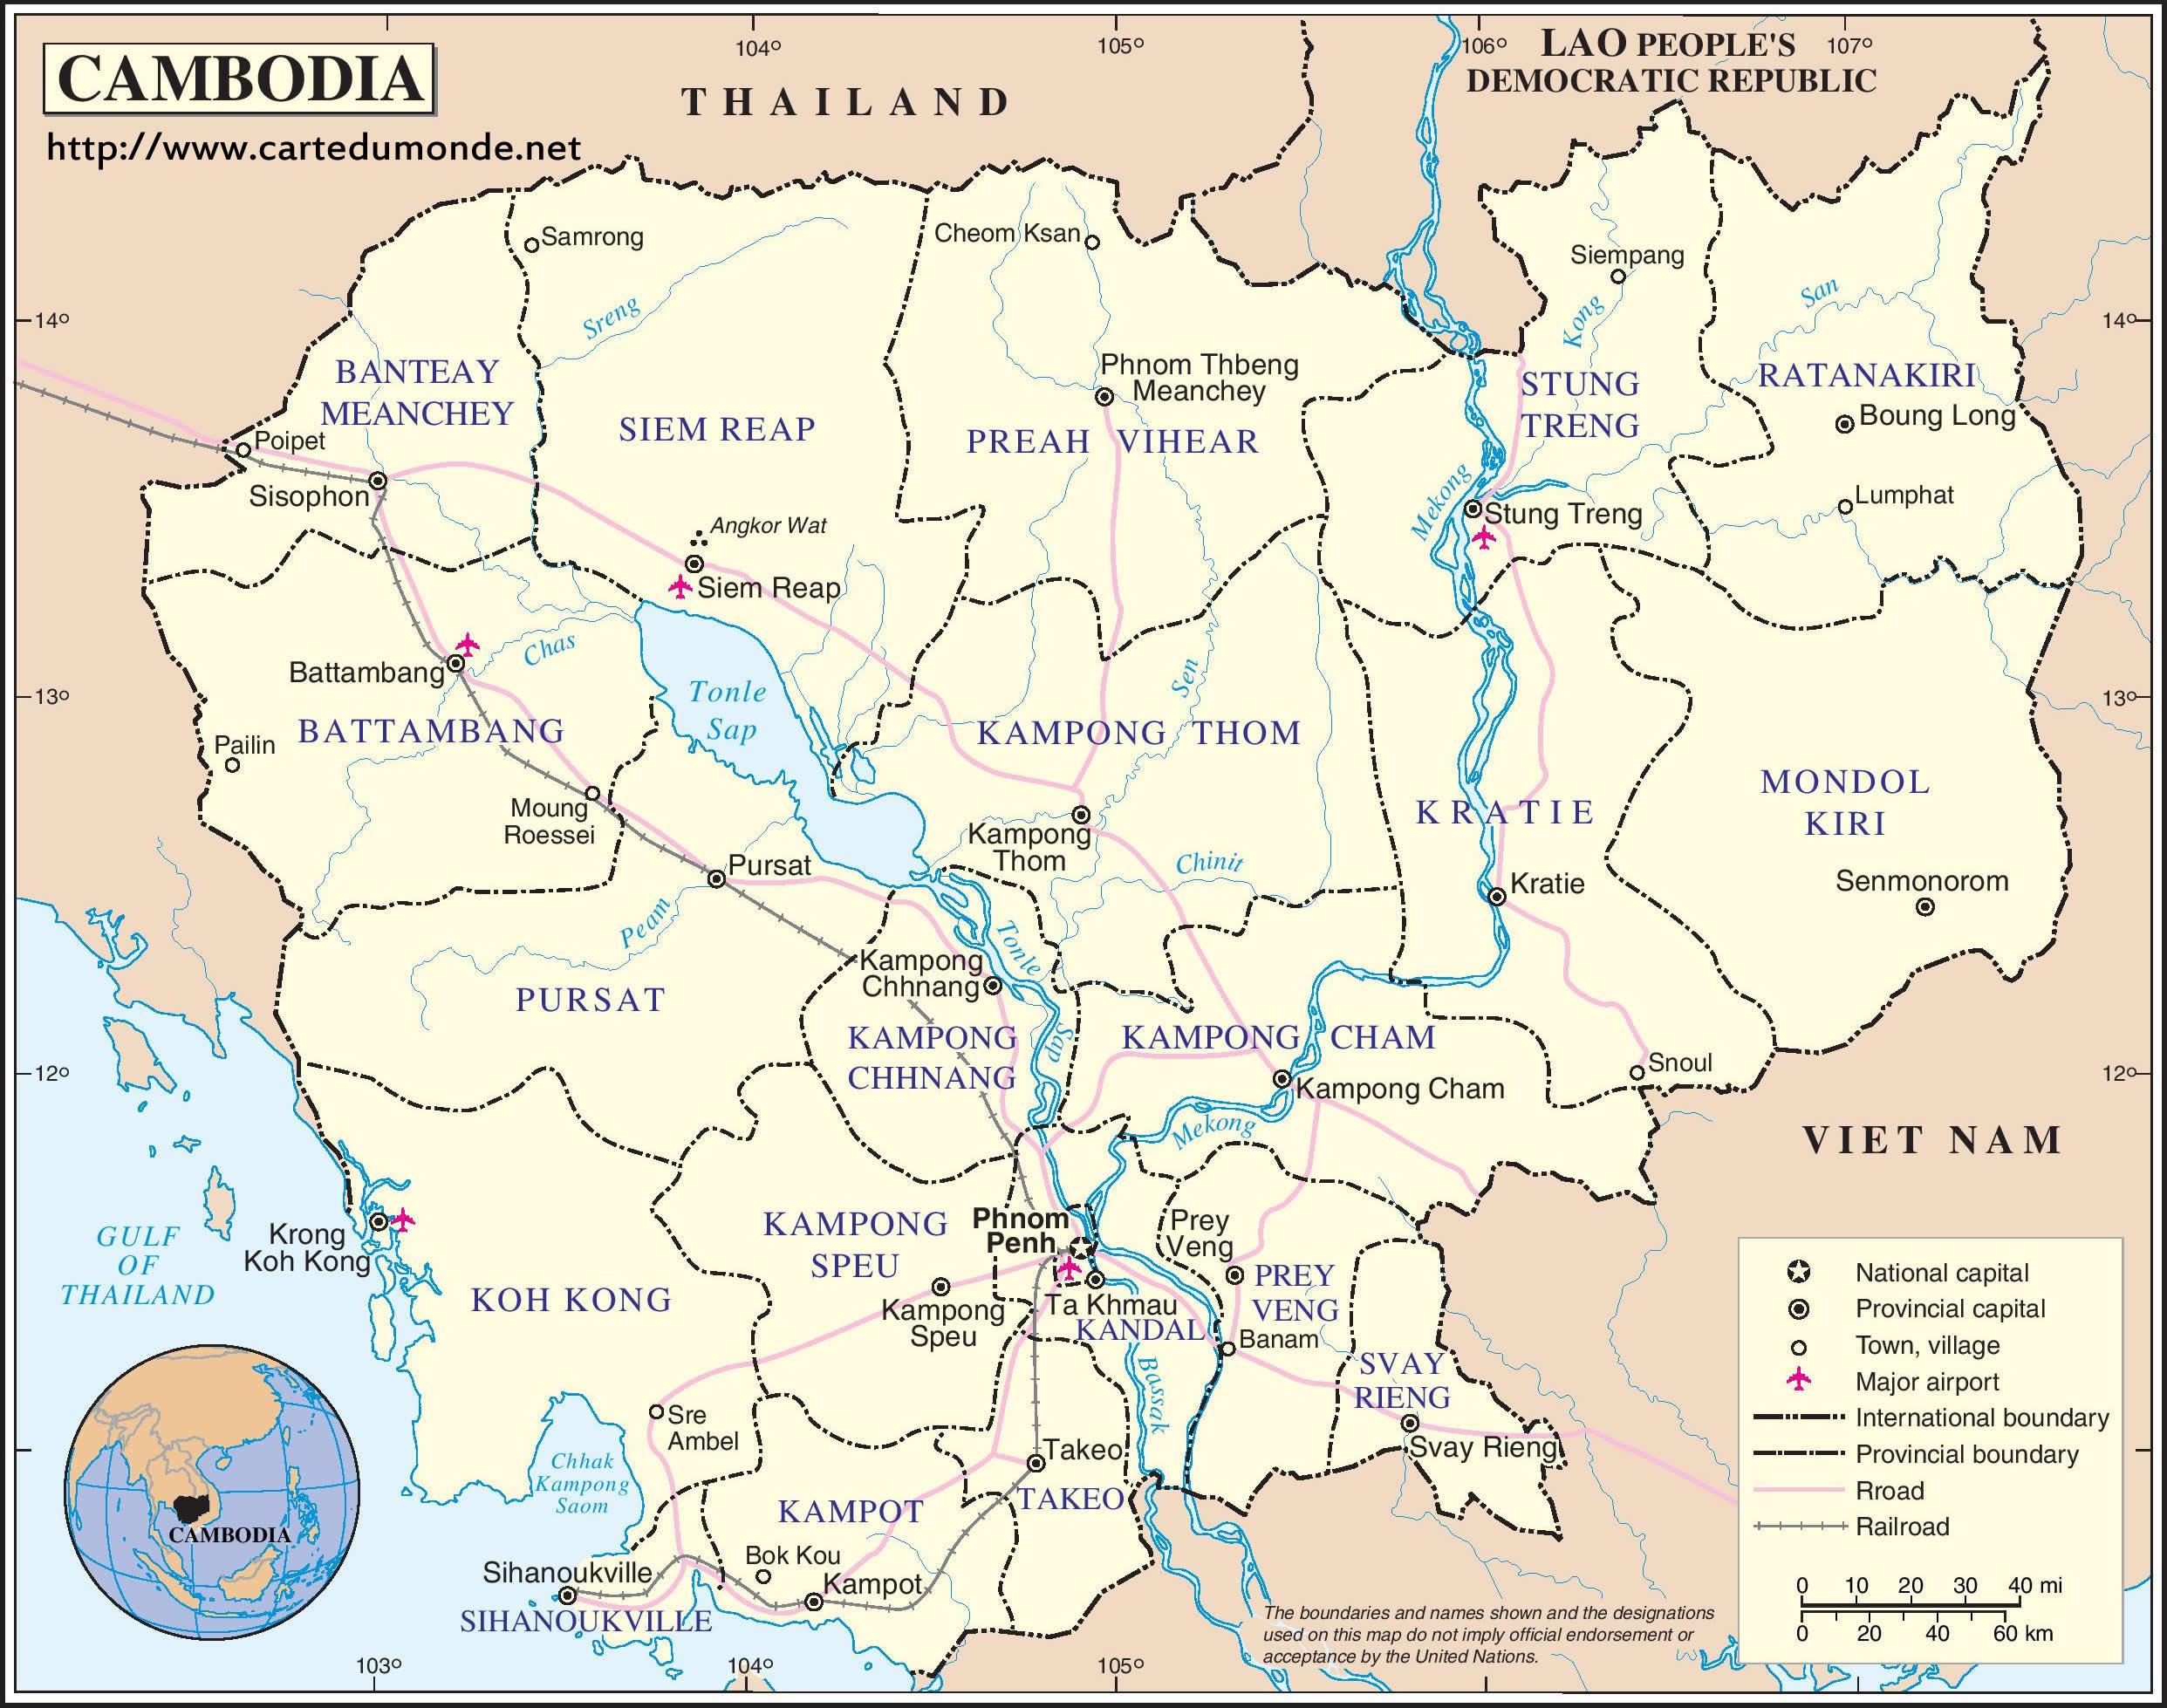 Carte Du Monde Laos.Grande Carte Cambodge Sur Carte Du Monde